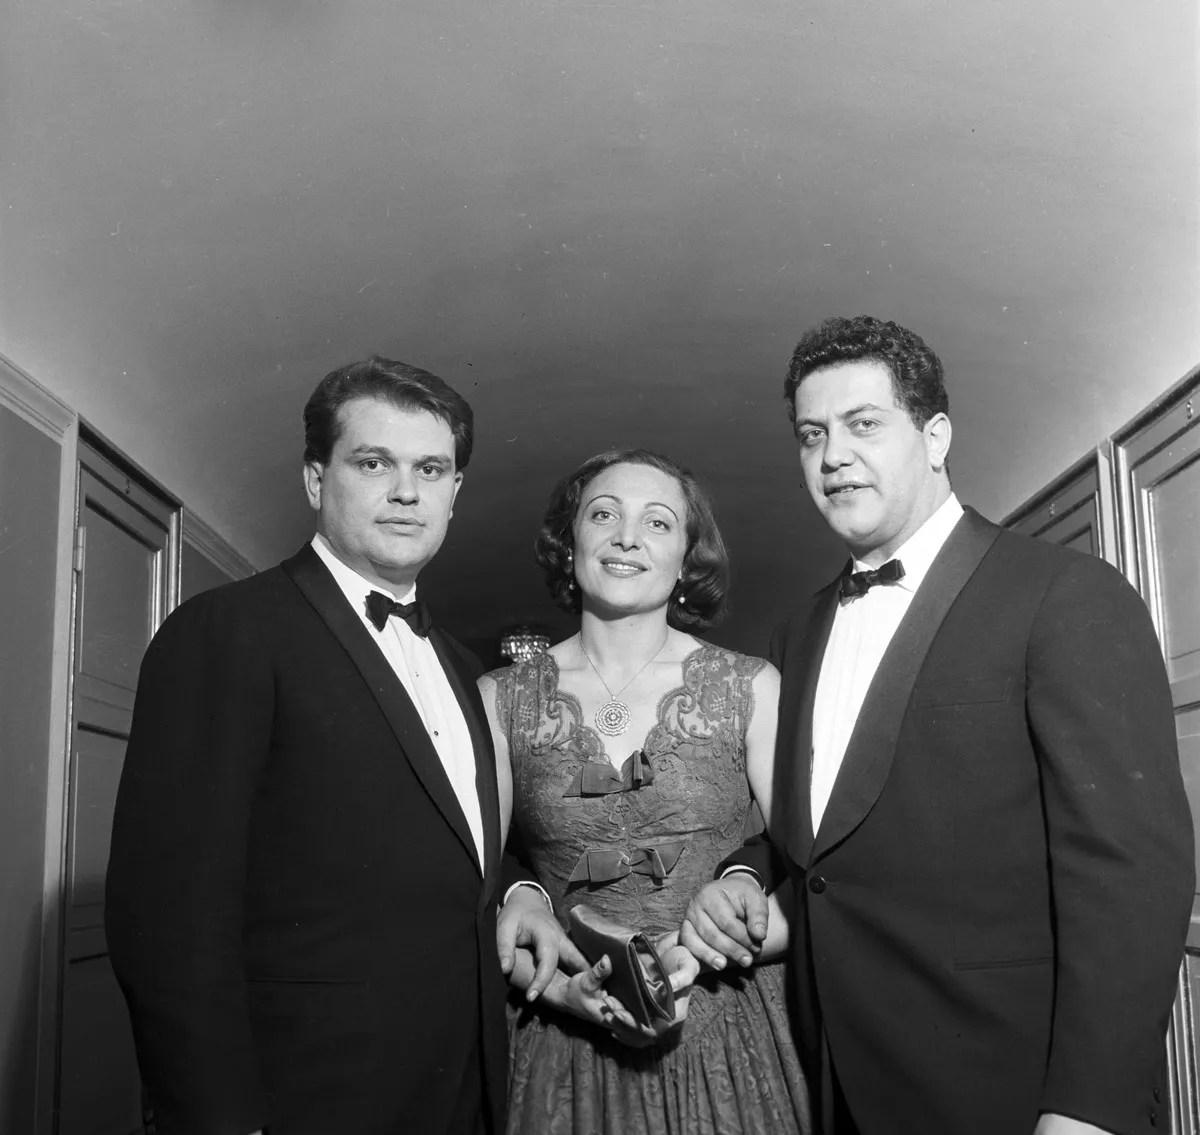 1956 Aida - Luciana Novaro with Piero Zuffi and Franco Enriquez, photo by Erio Piccagliani © Teatro alla Scala